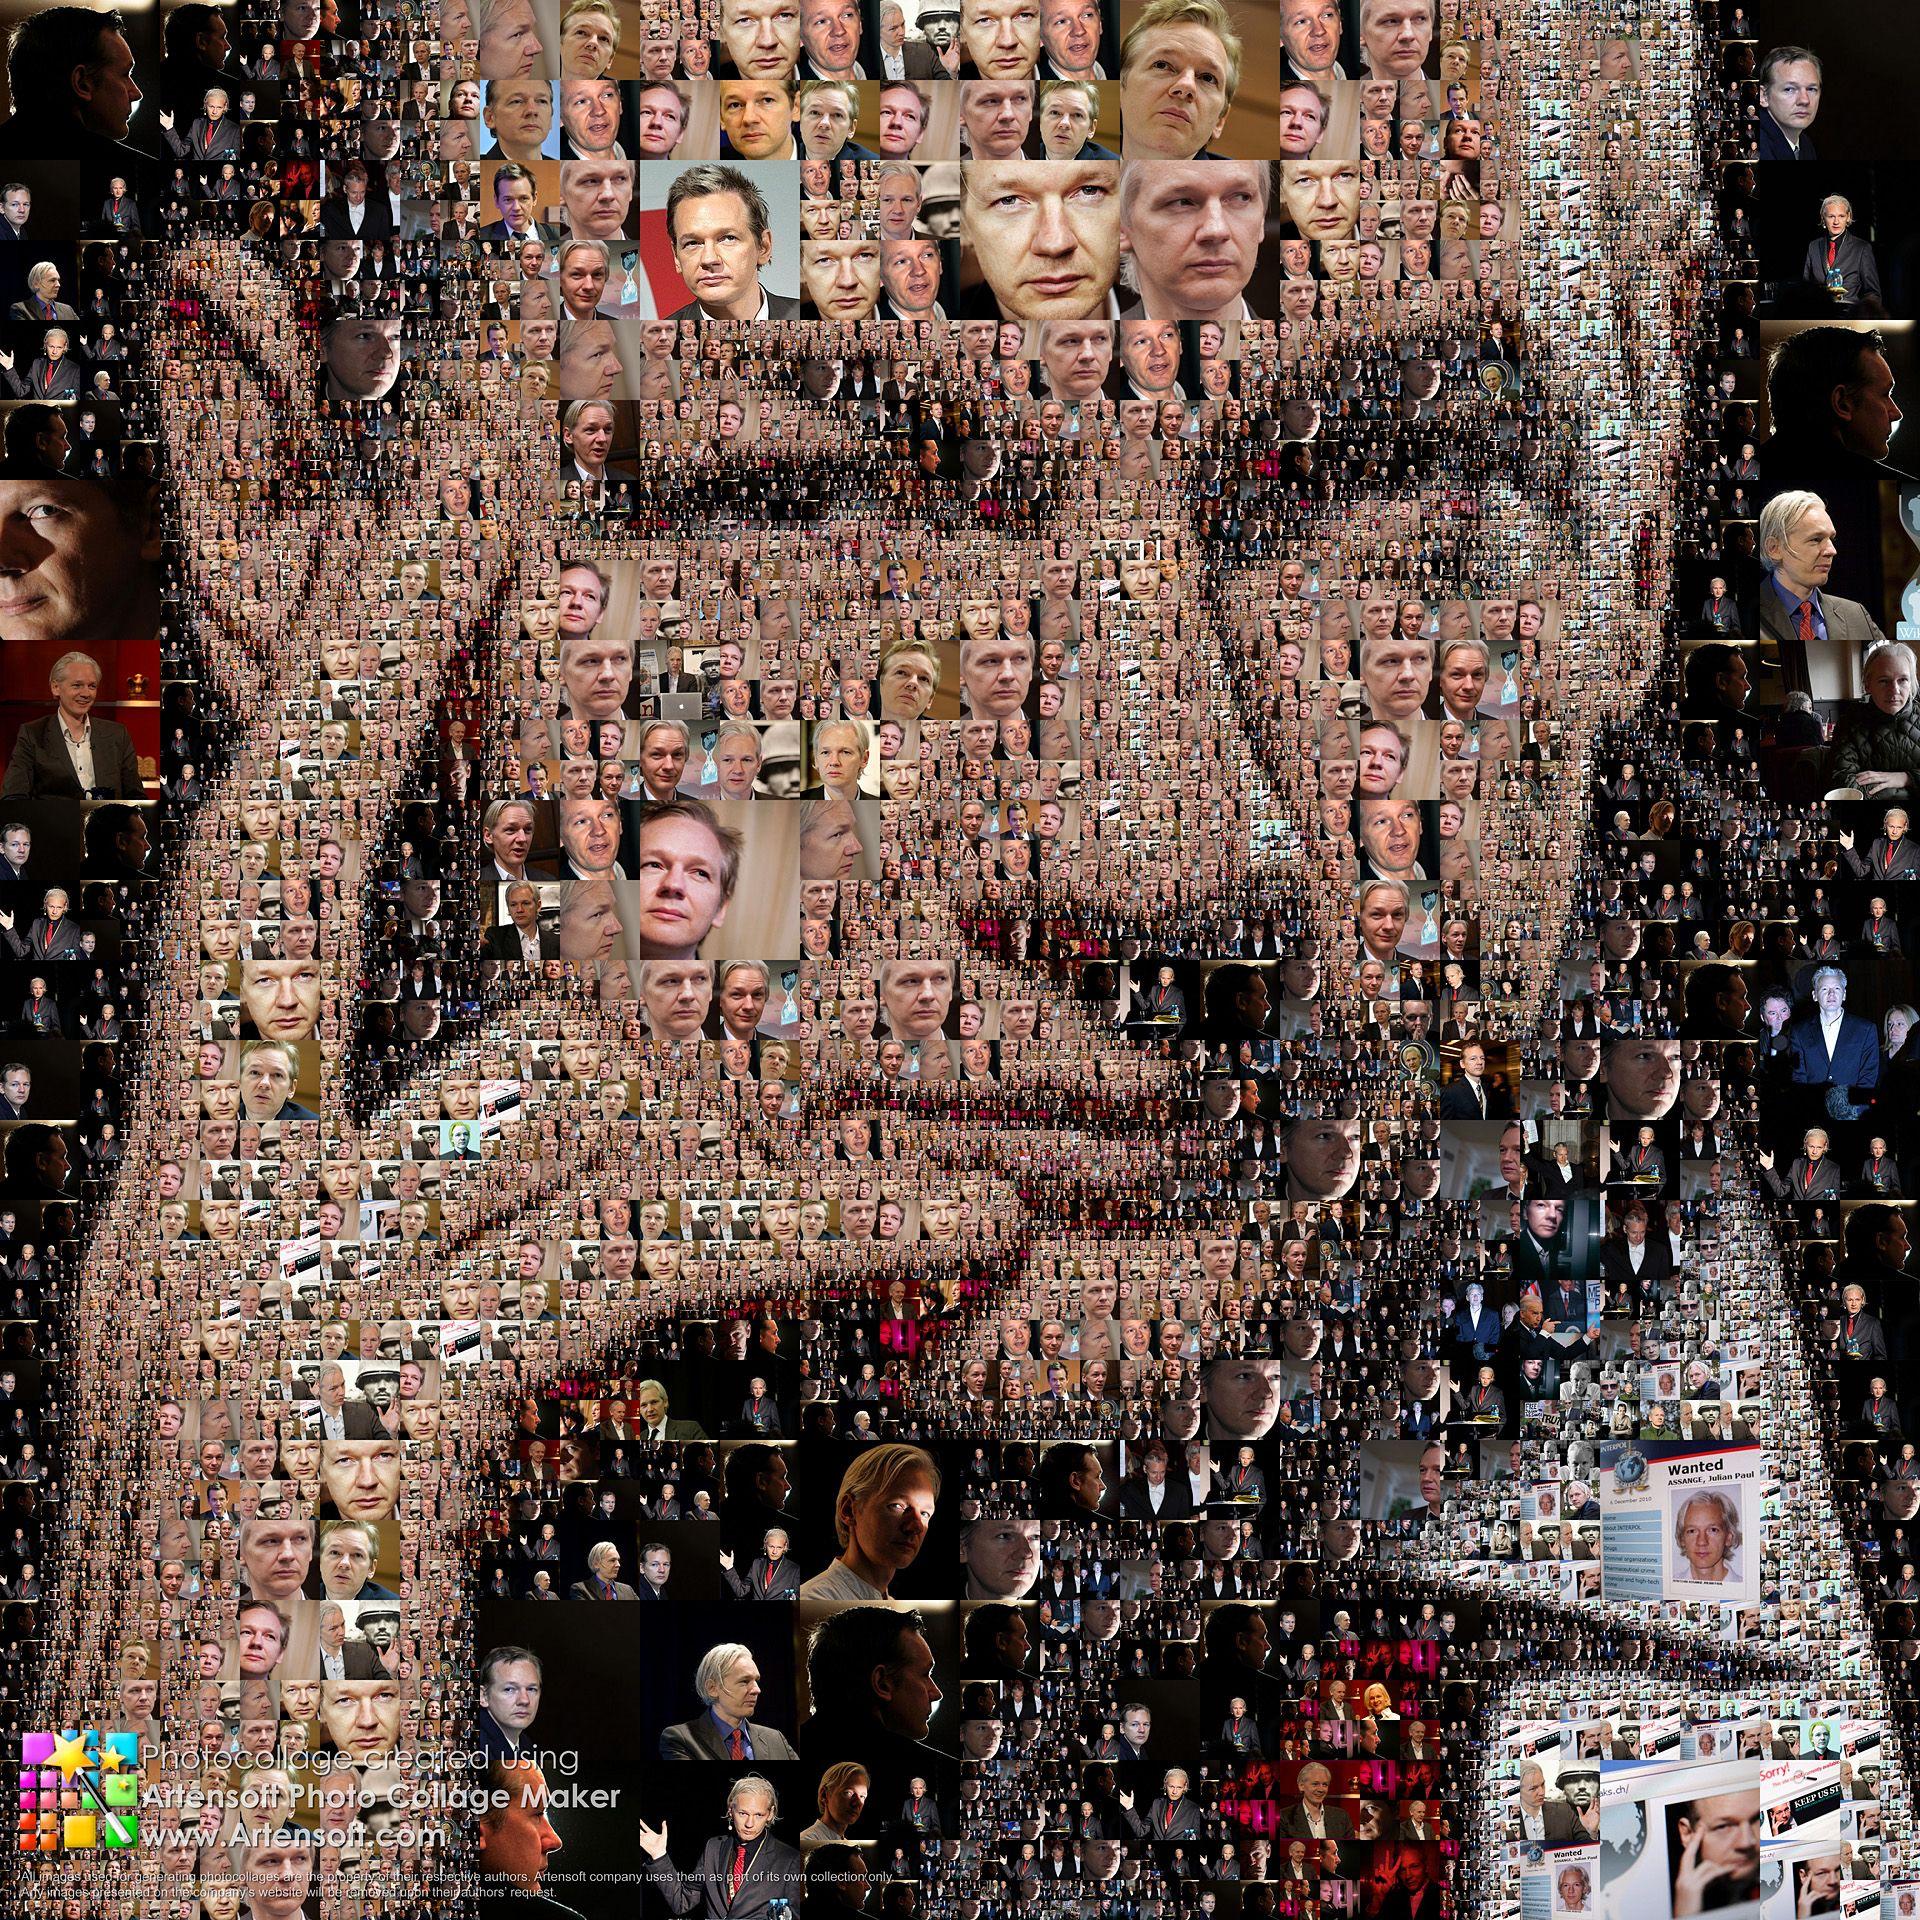 коллаж онлайн -фото общее с наложением 100 фото: 13 тыс ...